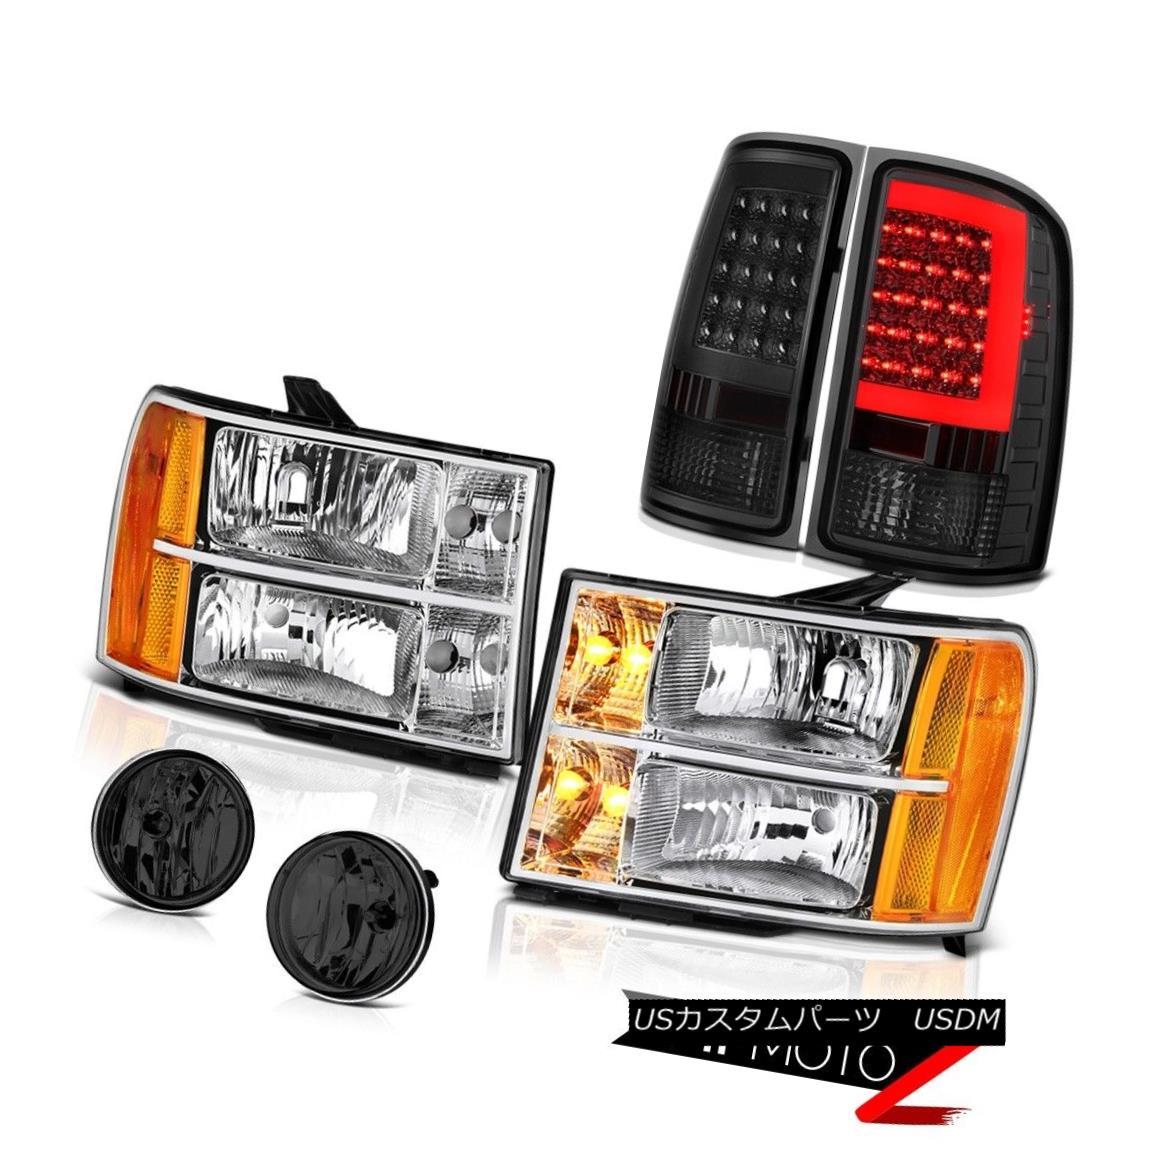 テールライト 2008-2014 Sierra 3500 WT Smokey Parking Brake Lights Chrome Headlamps Foglamps 2008-2014シエラ3500 WTスモーキーパーキングブレーキライトクロームヘッドランプフォグランプ